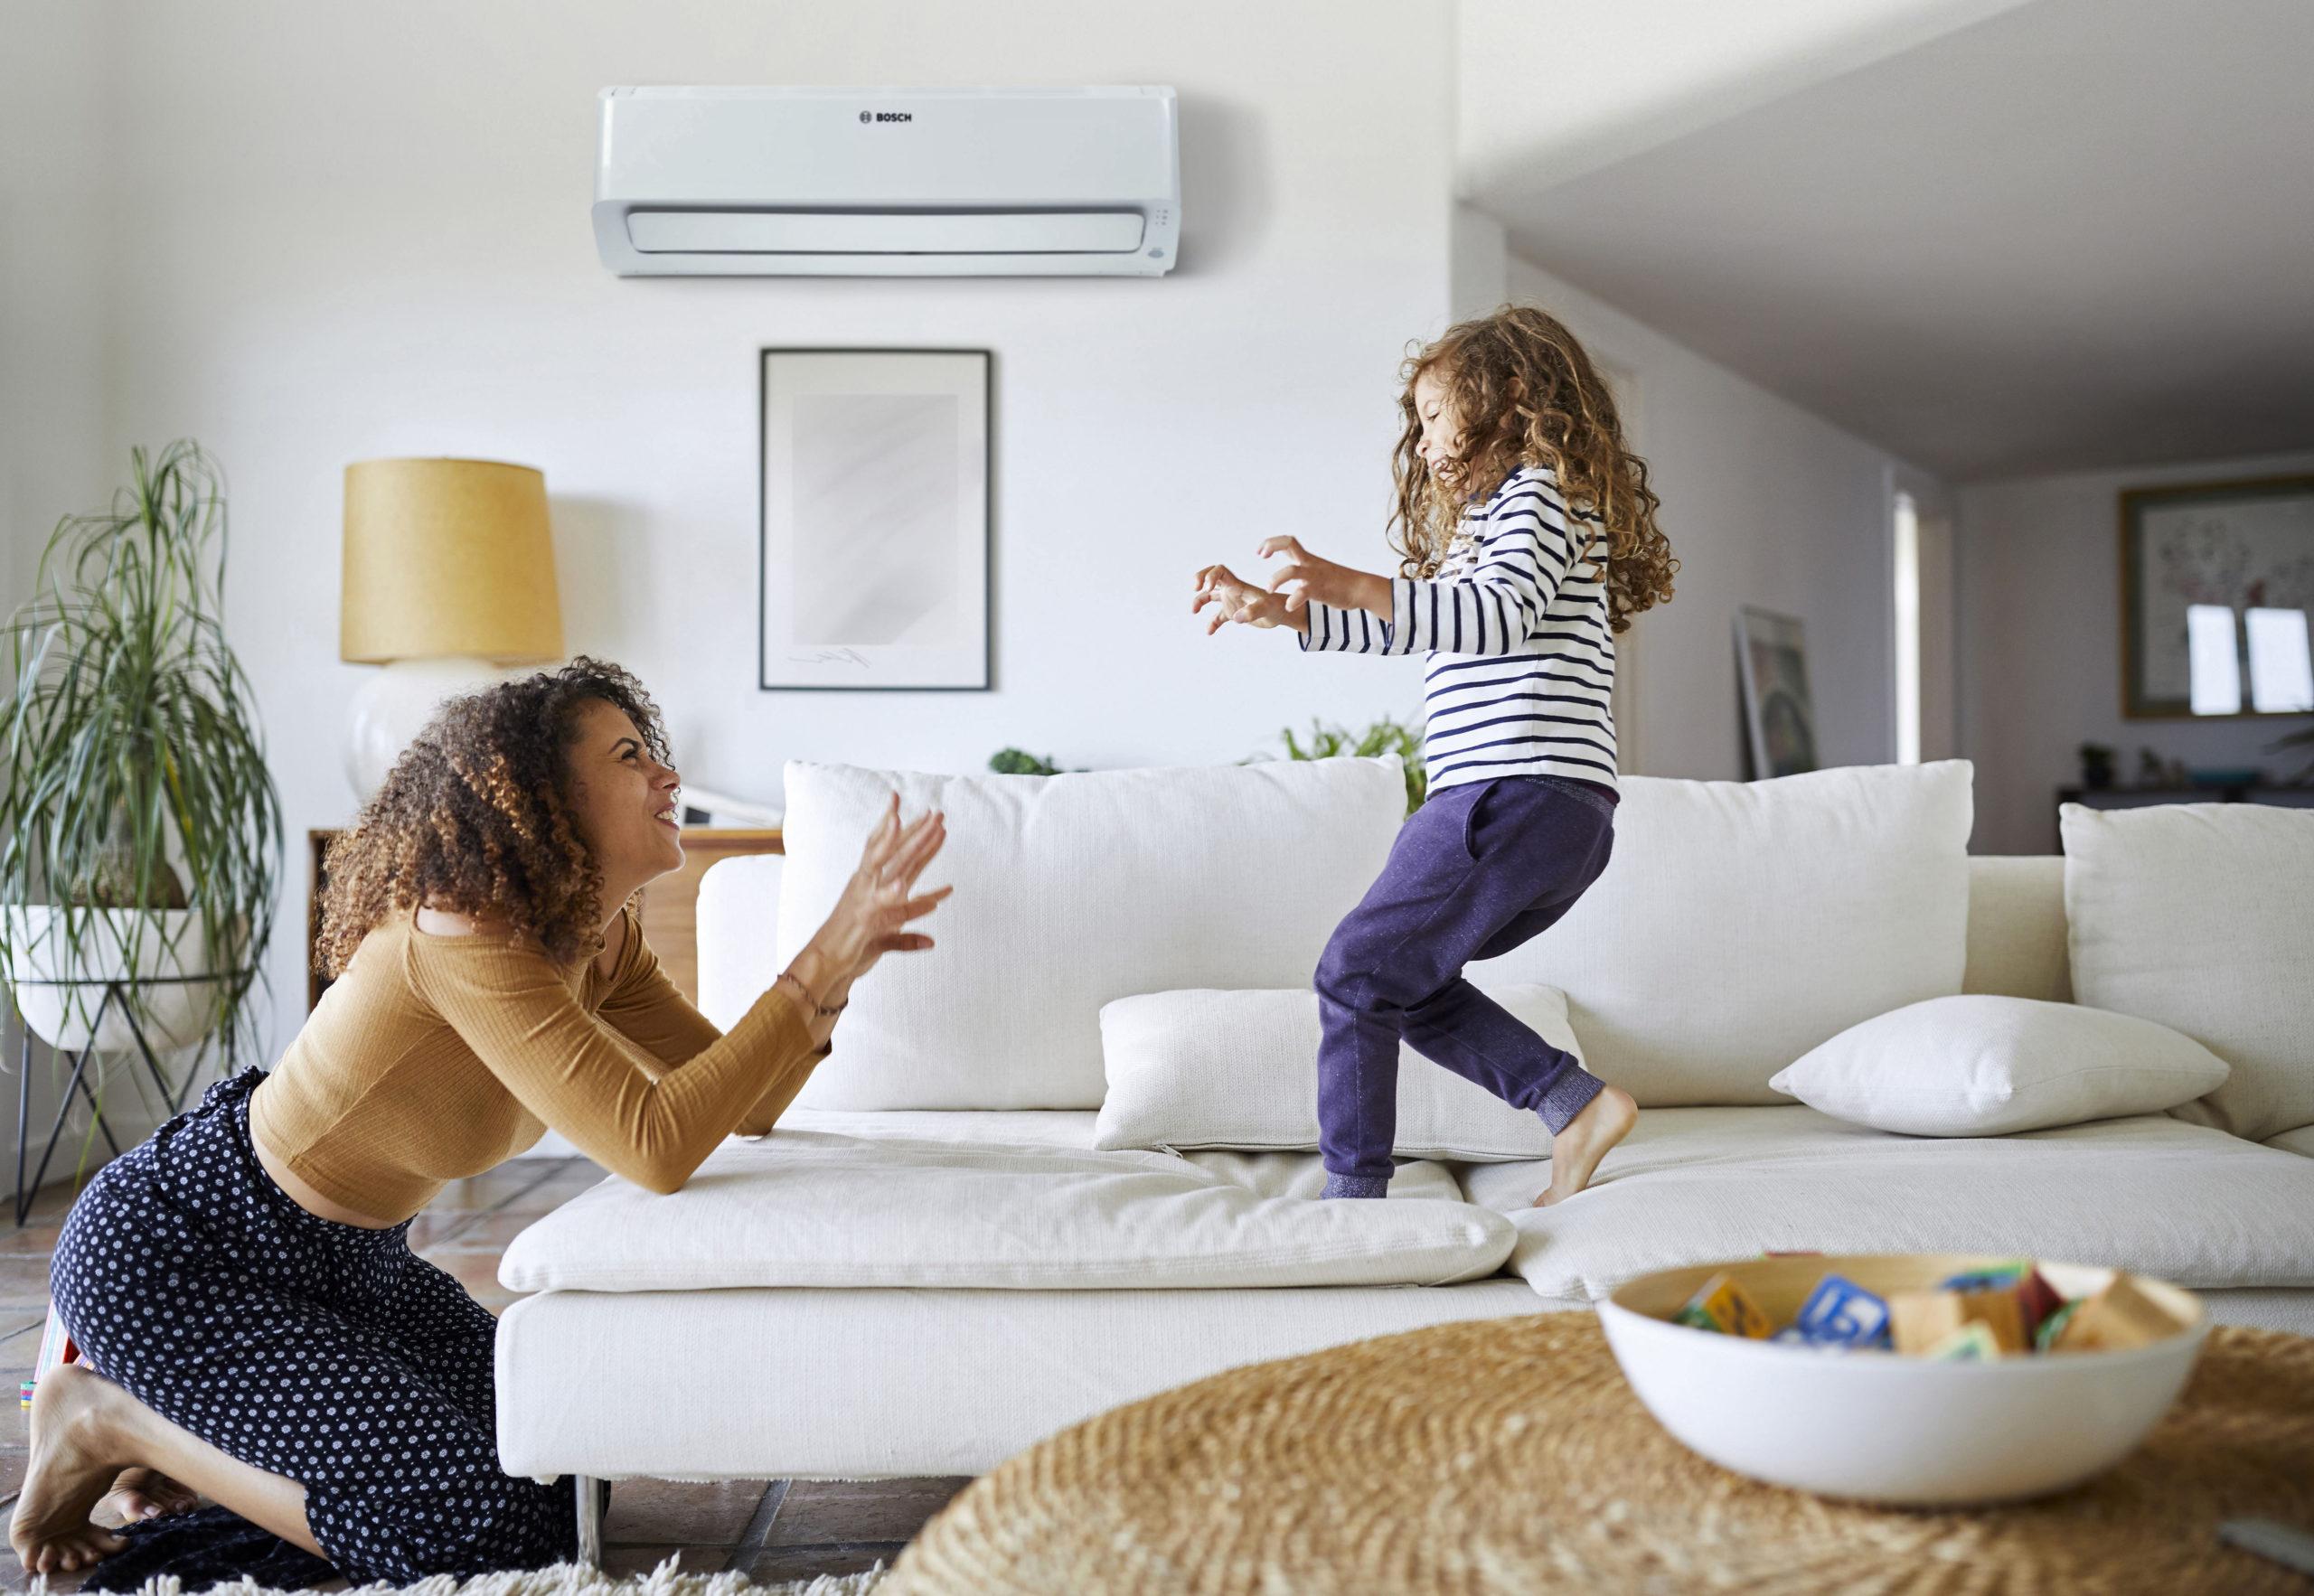 Nach dem Kauf einer Klimaanlage